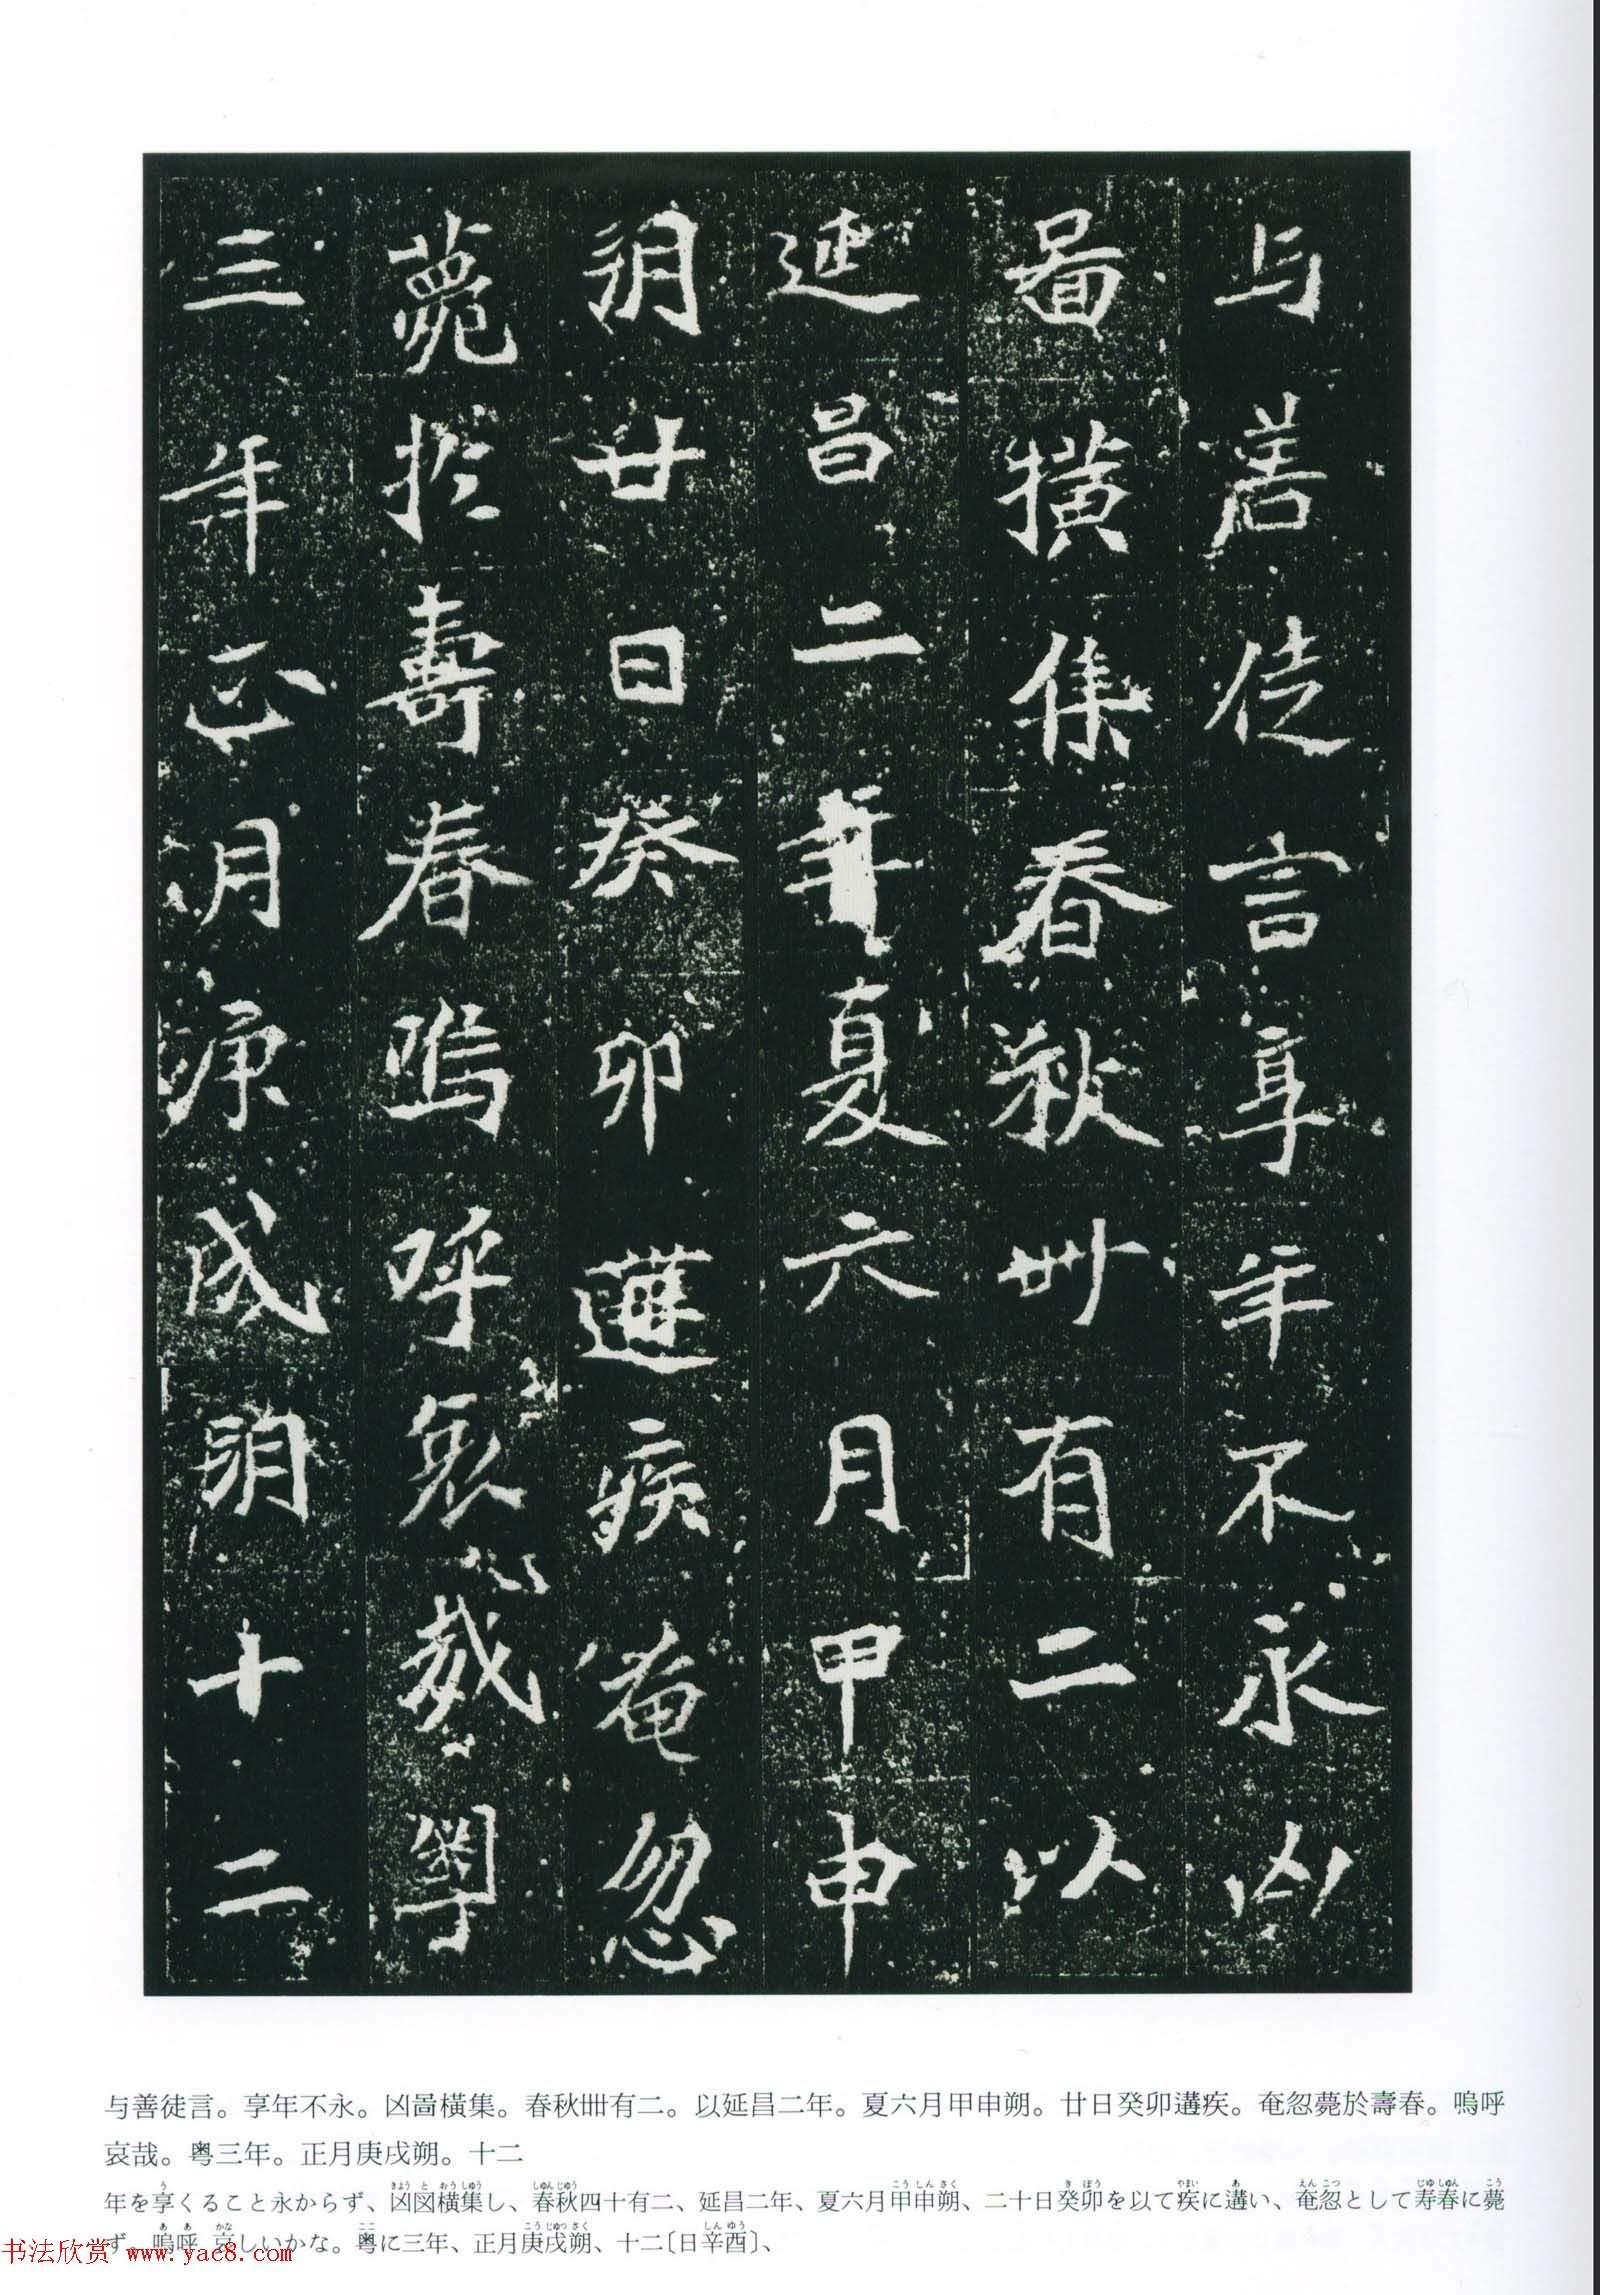 司馬昺妻孟敬訓墓誌銘